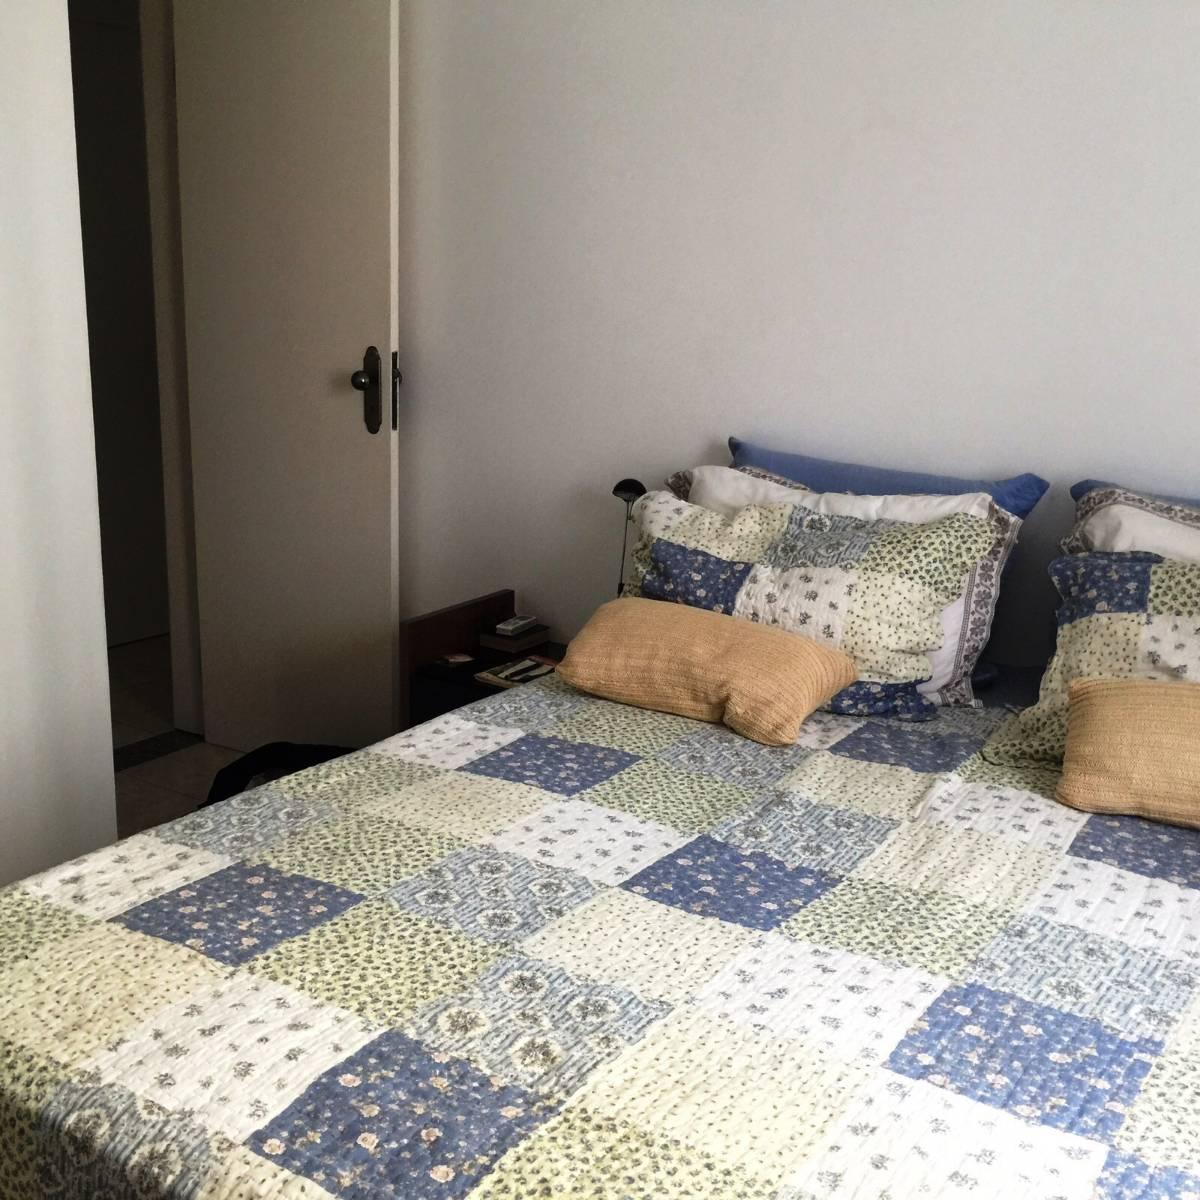 #4B5C80 Apartamento à venda com 3 Quartos Costa Azul Salvador R$ 317.000  1200x1200 px Banheiro Do Parque Costa Azul 3345